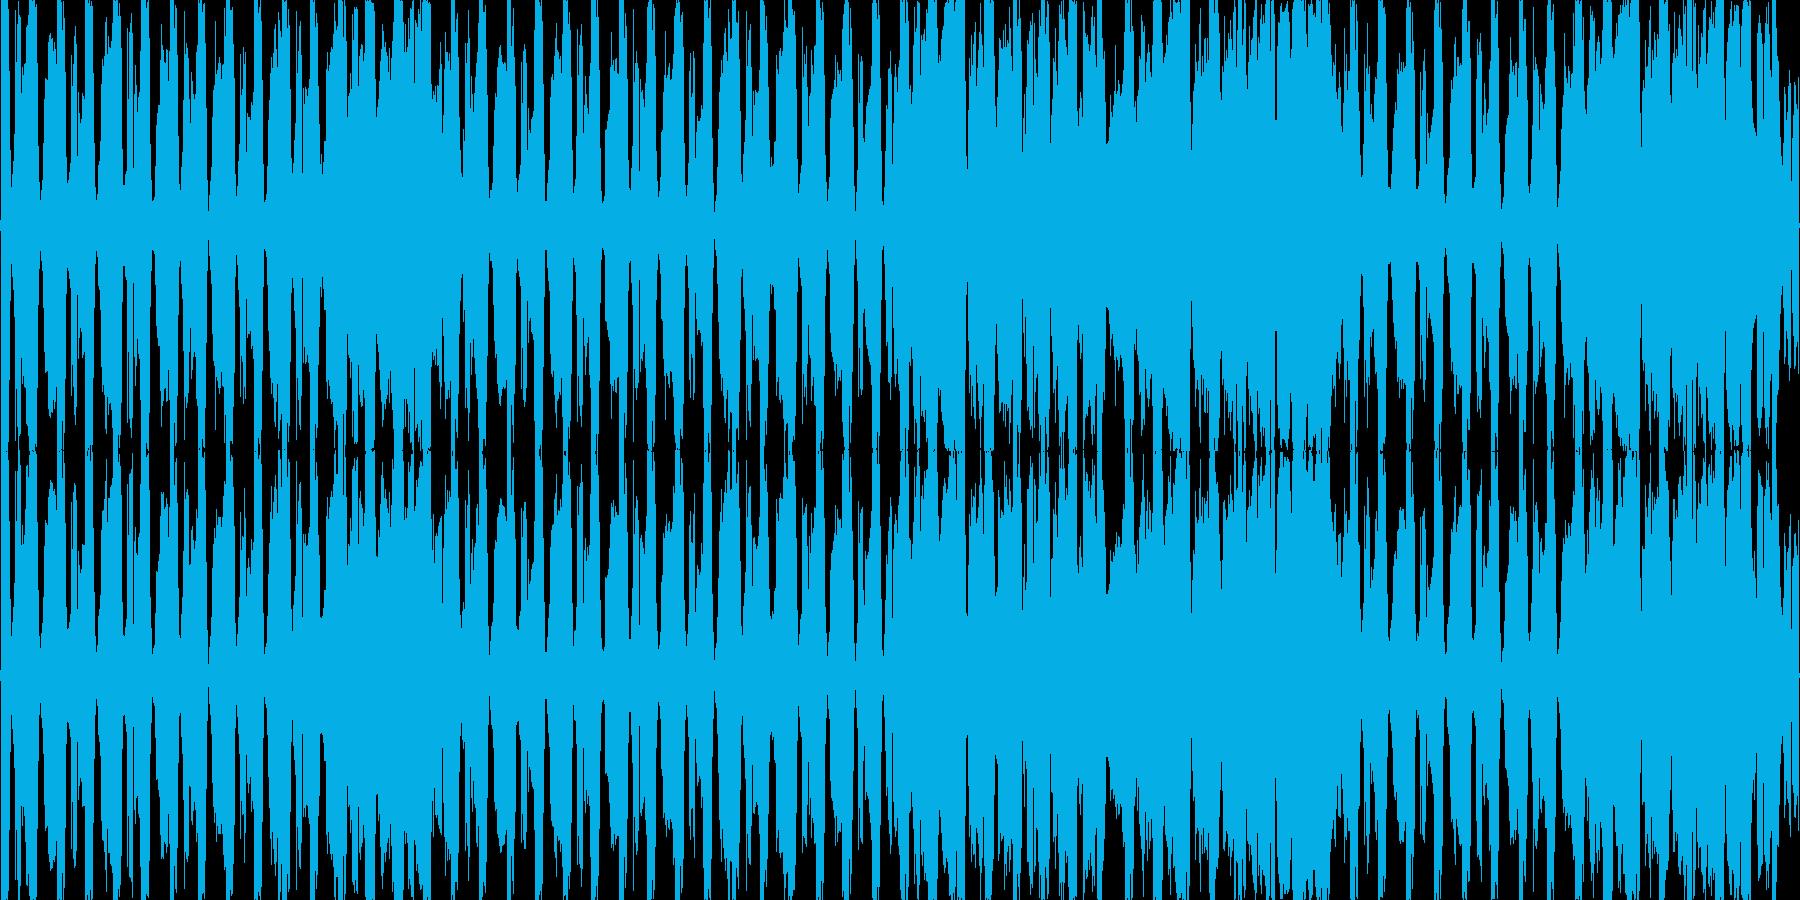 テクノ ネタ系 少しだけEDMの再生済みの波形